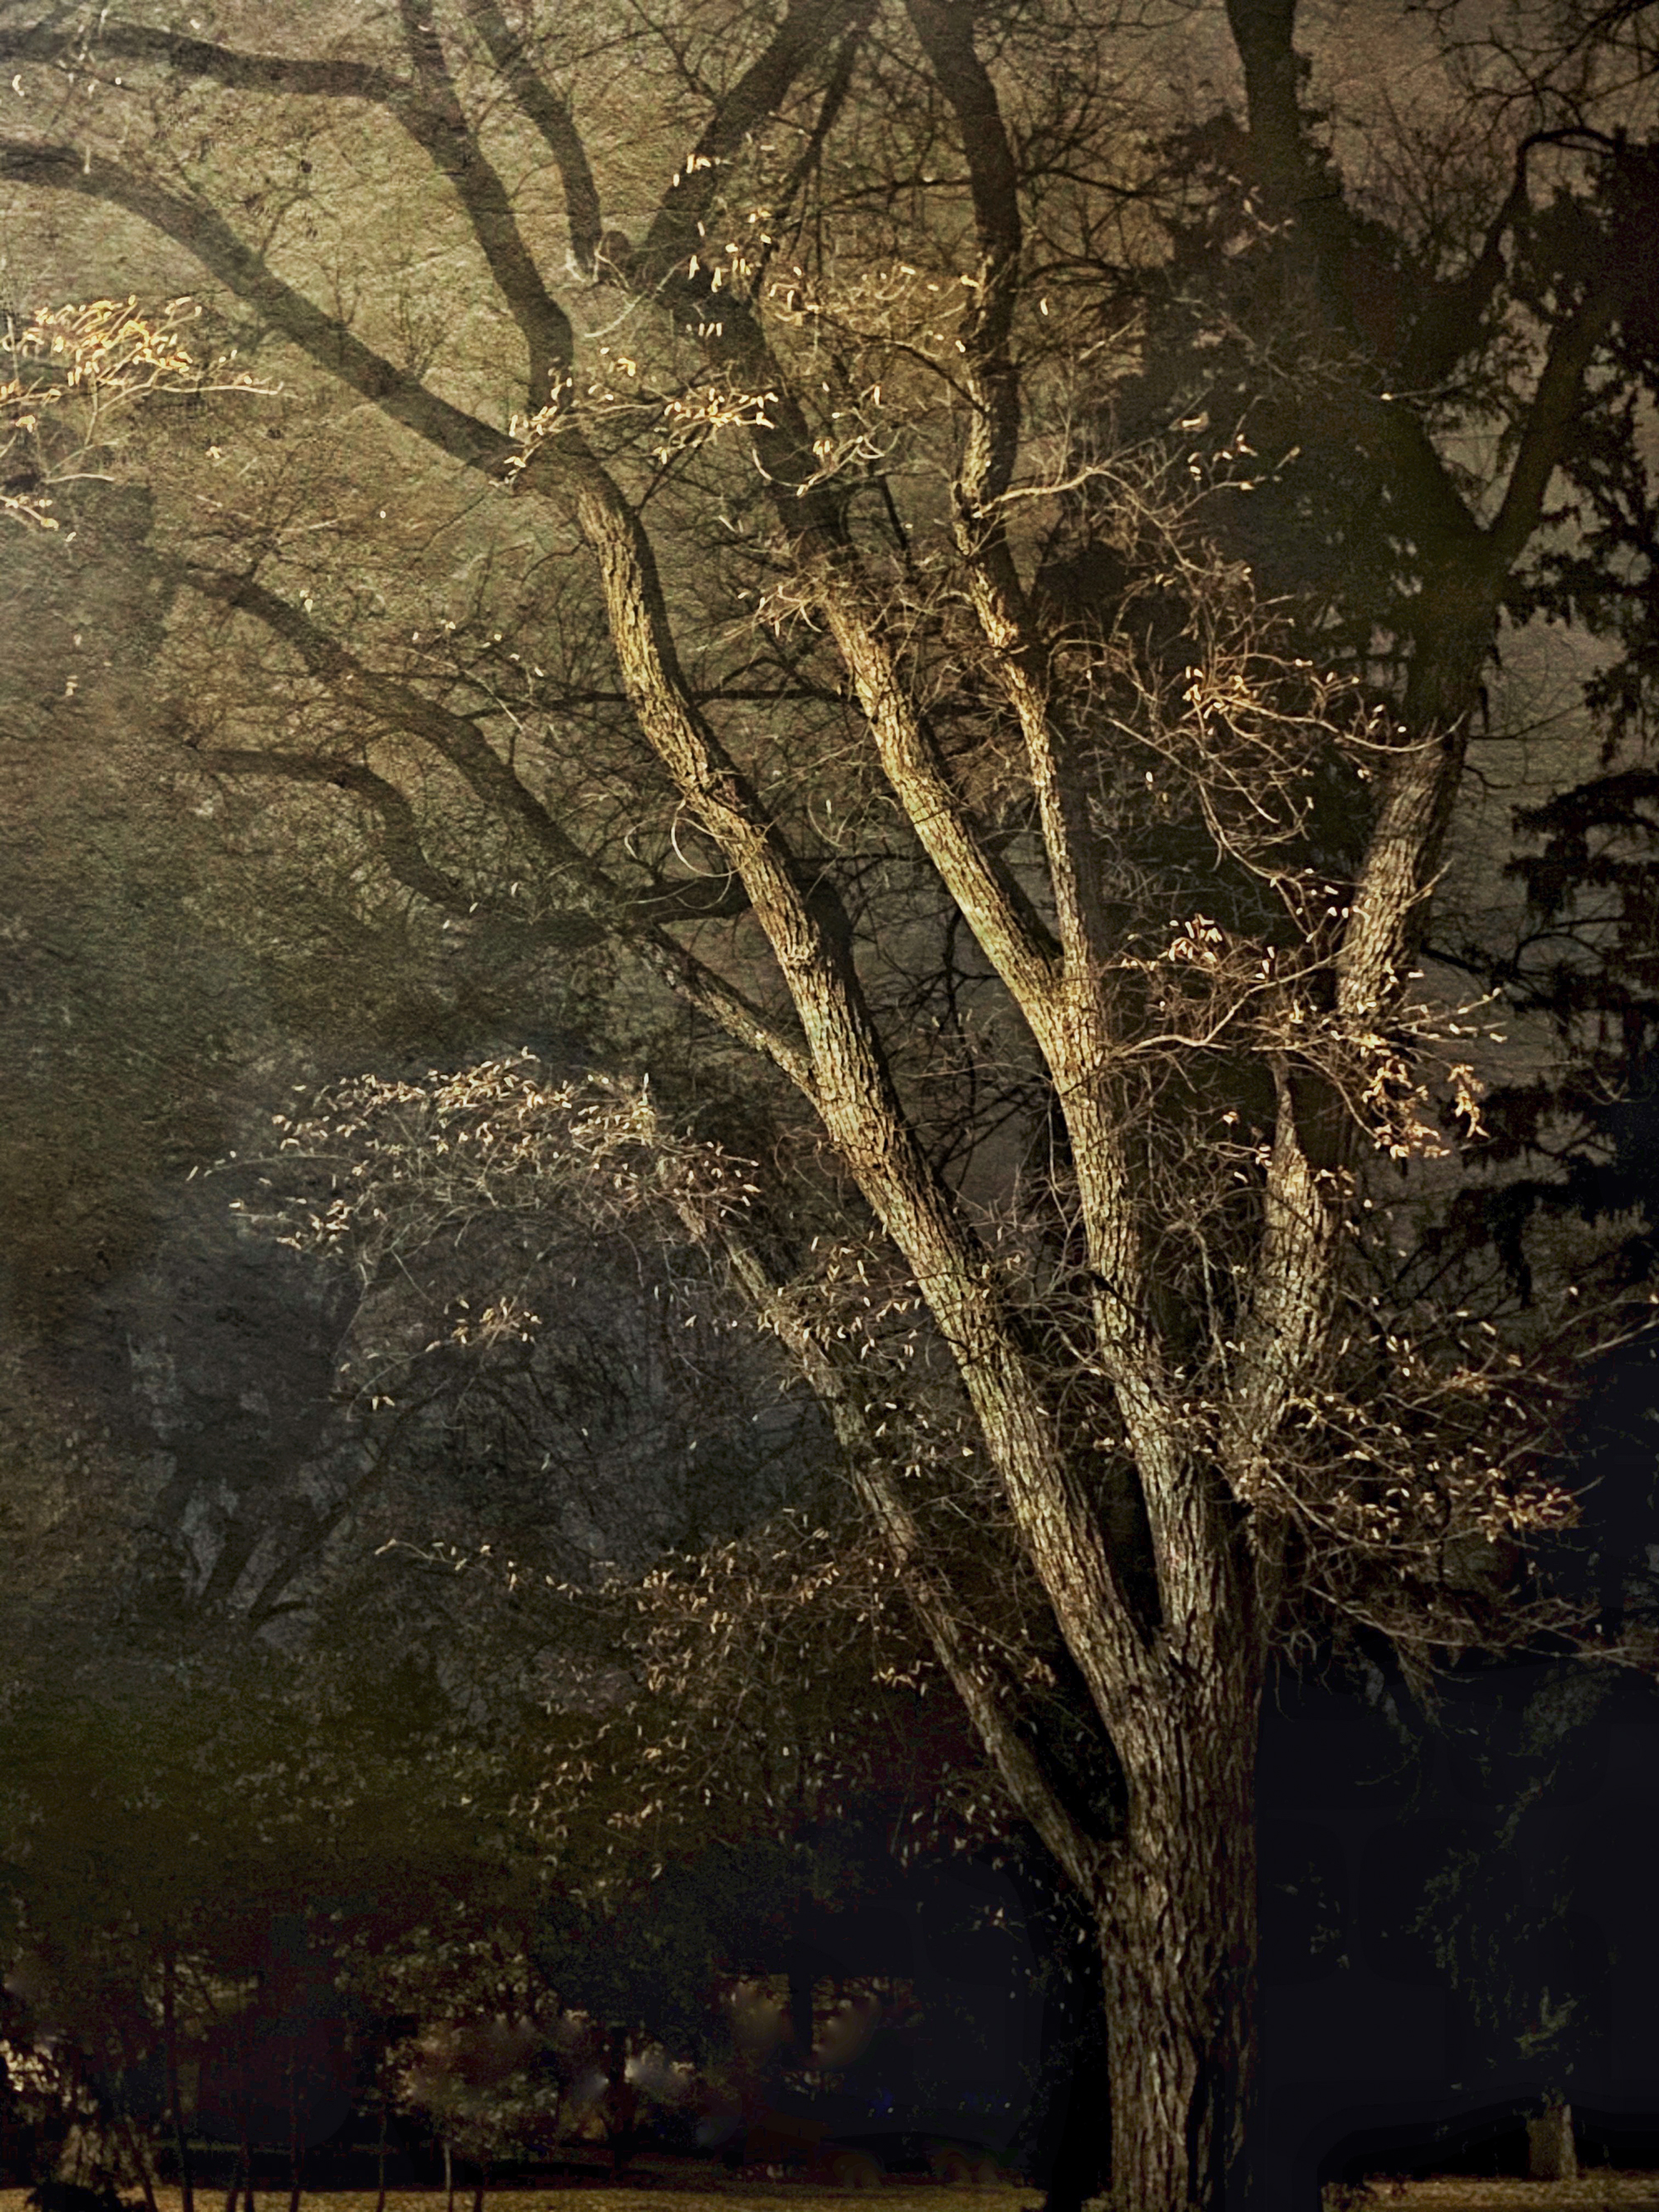 ©Wendi Schneider (Denver, Colorado) | Under the Tree